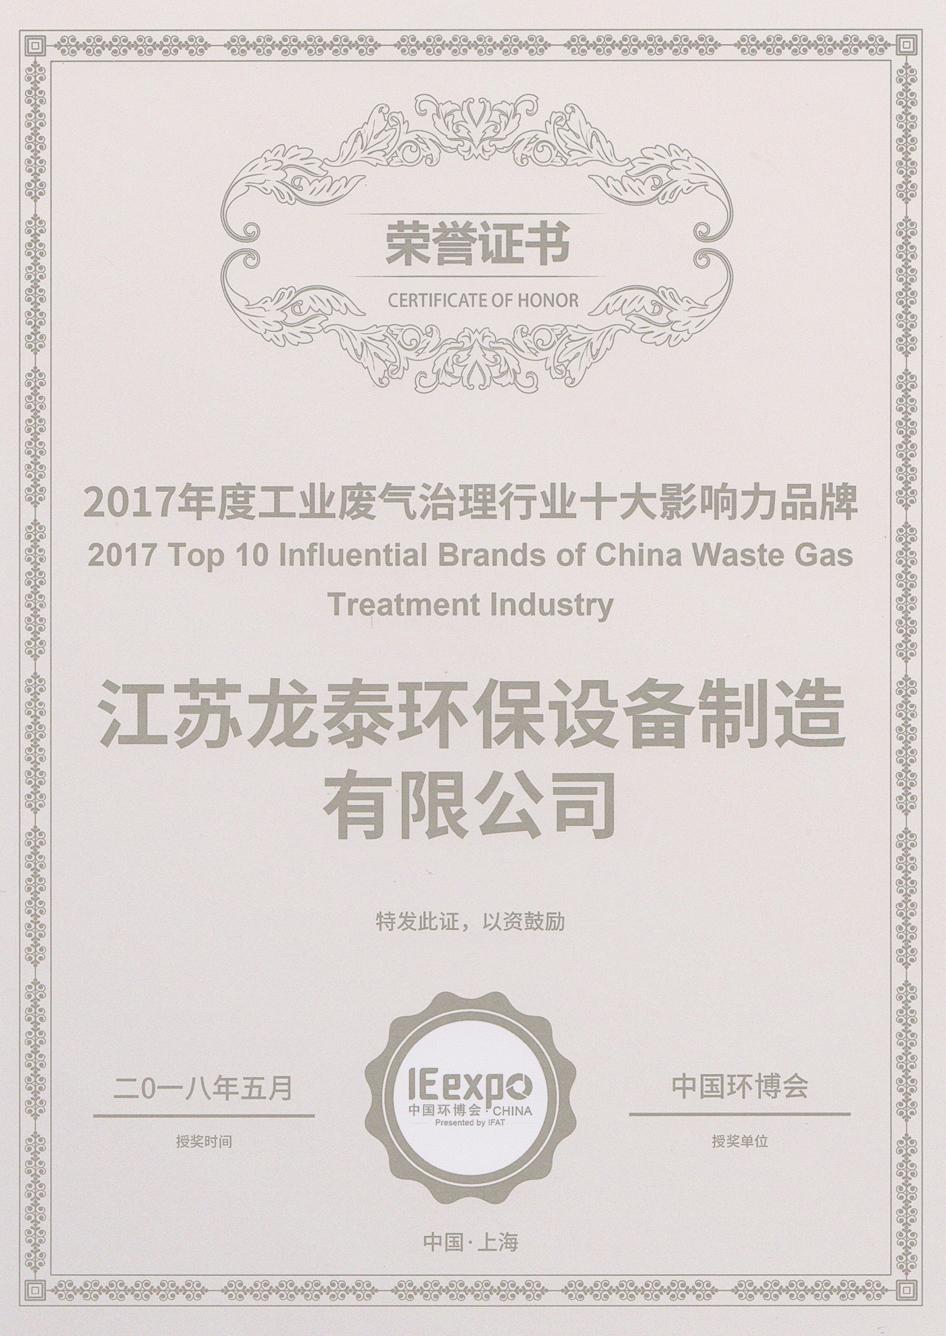 中国环博会推荐品牌